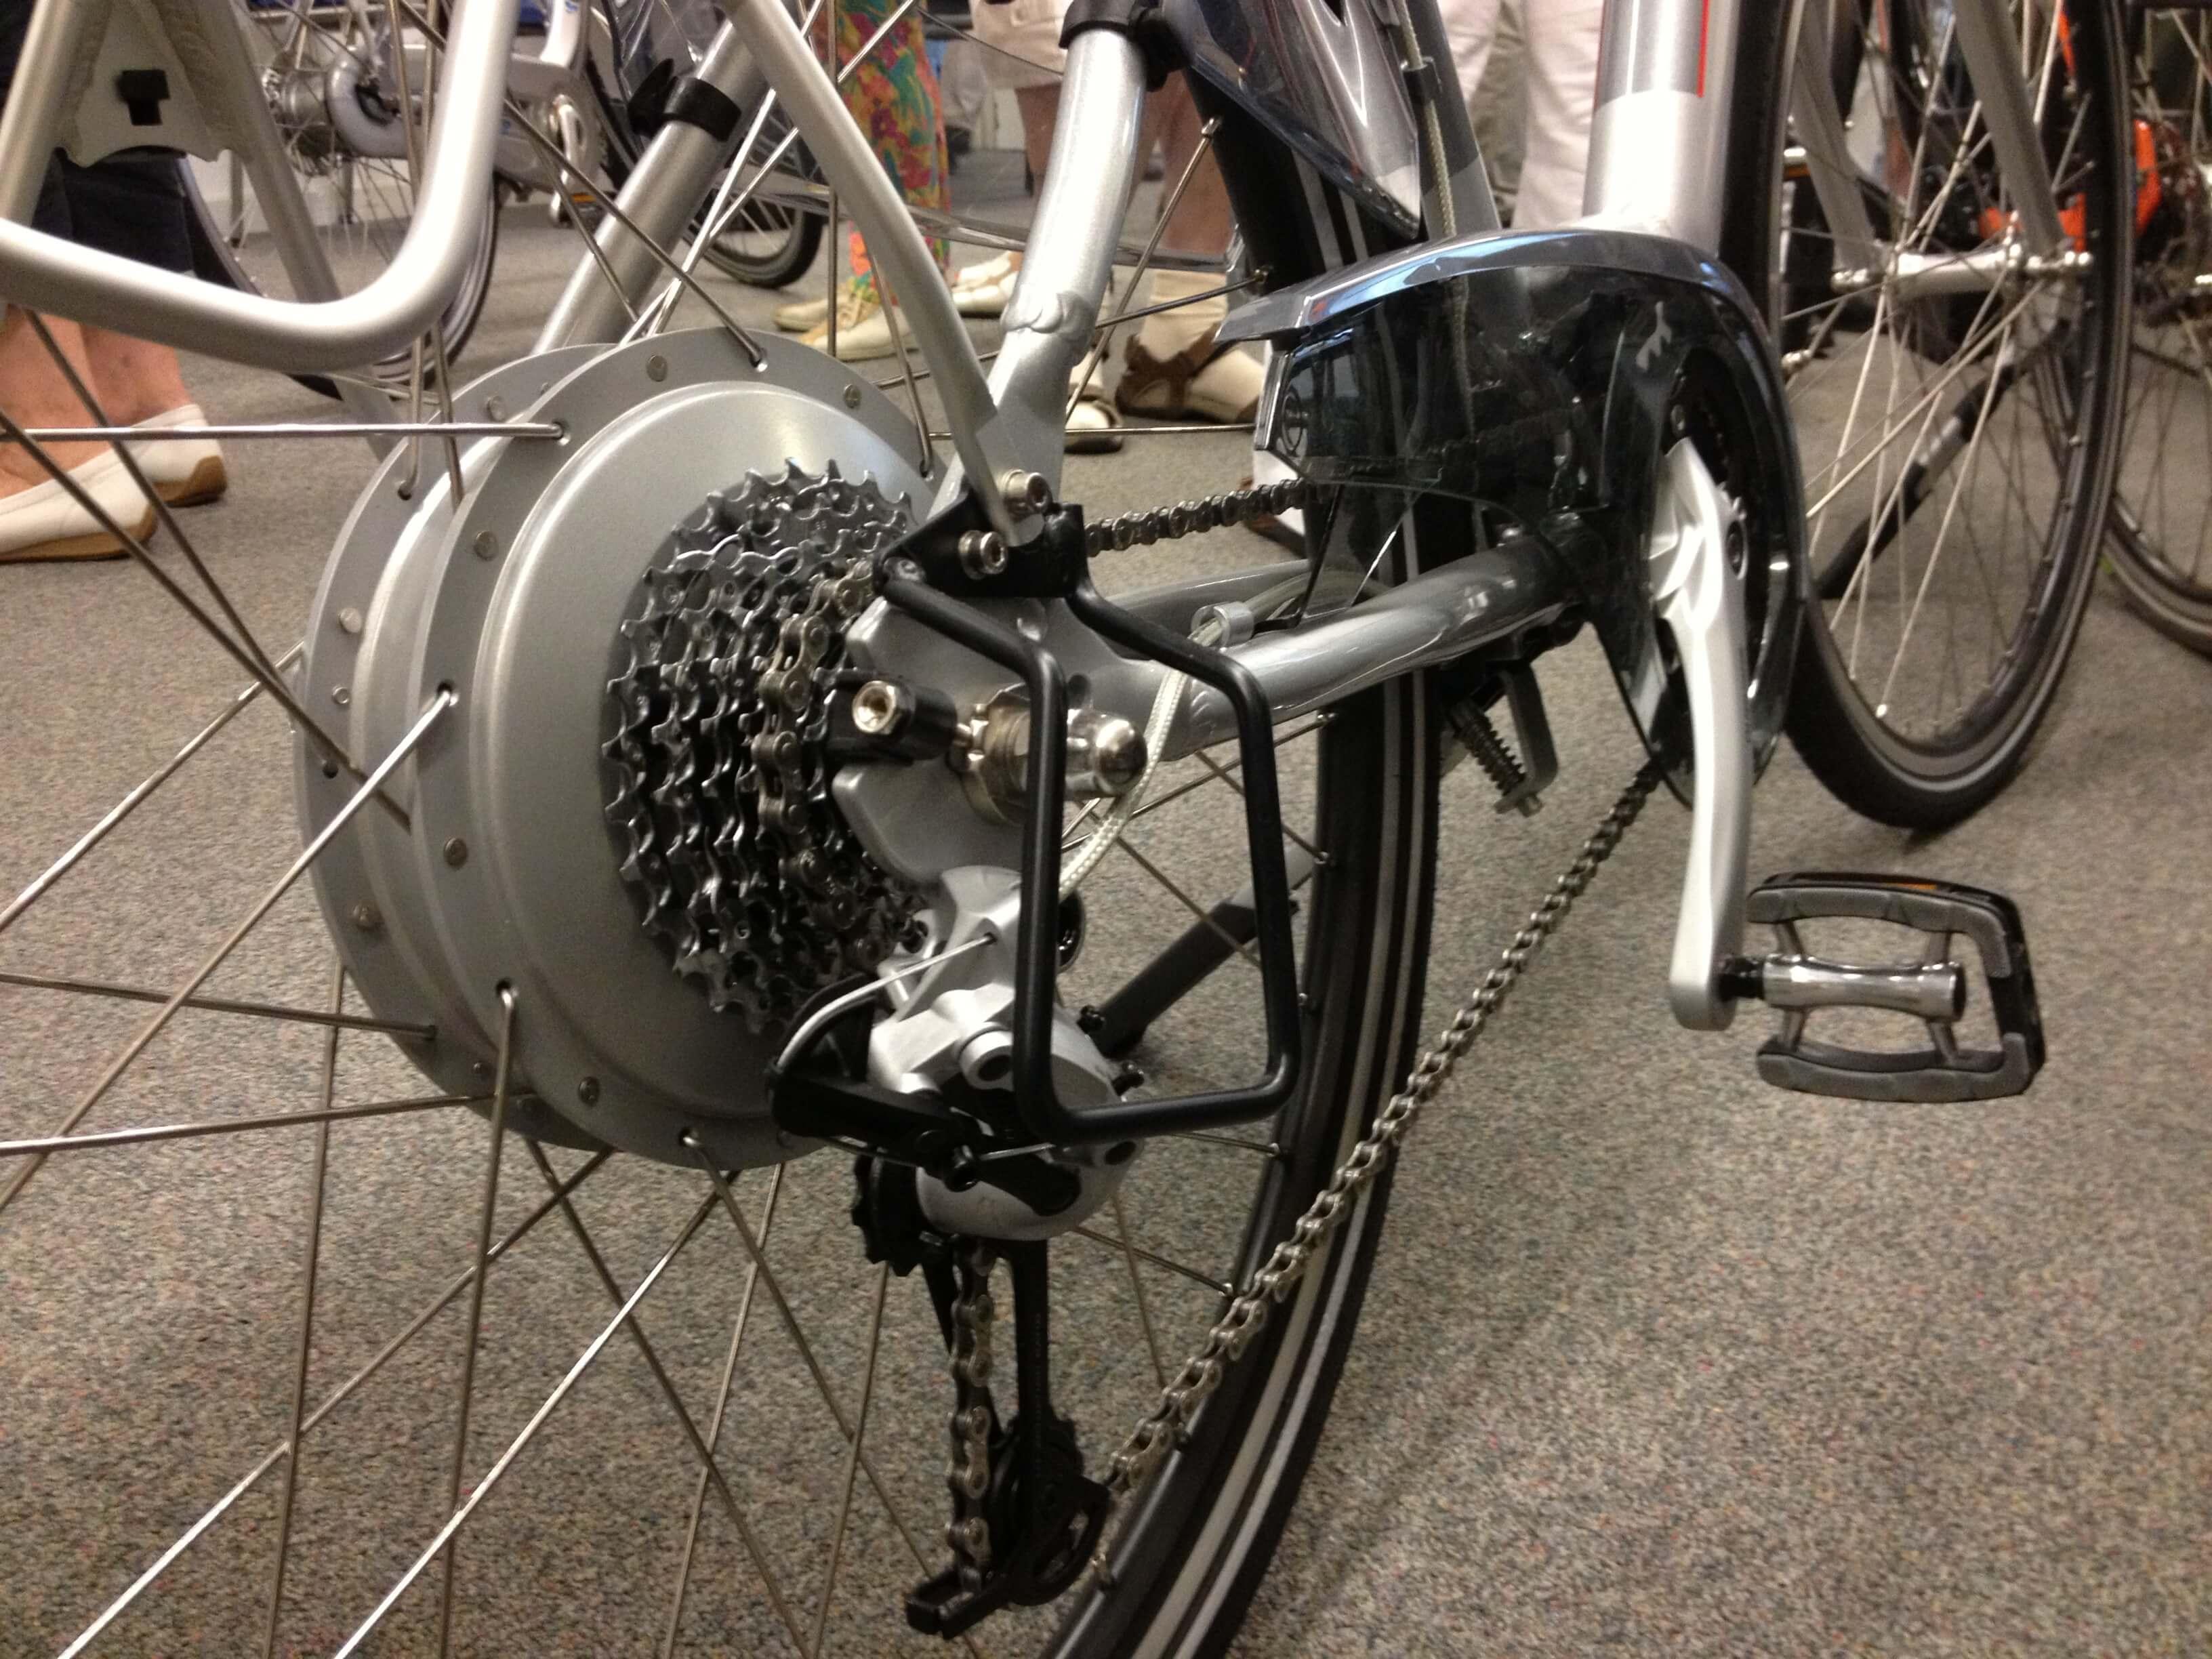 Je fietsketting is een van de meest slijtagegevoelige onderdelen. Die moet je regelmatig schoonmaken, controleren en smeren.